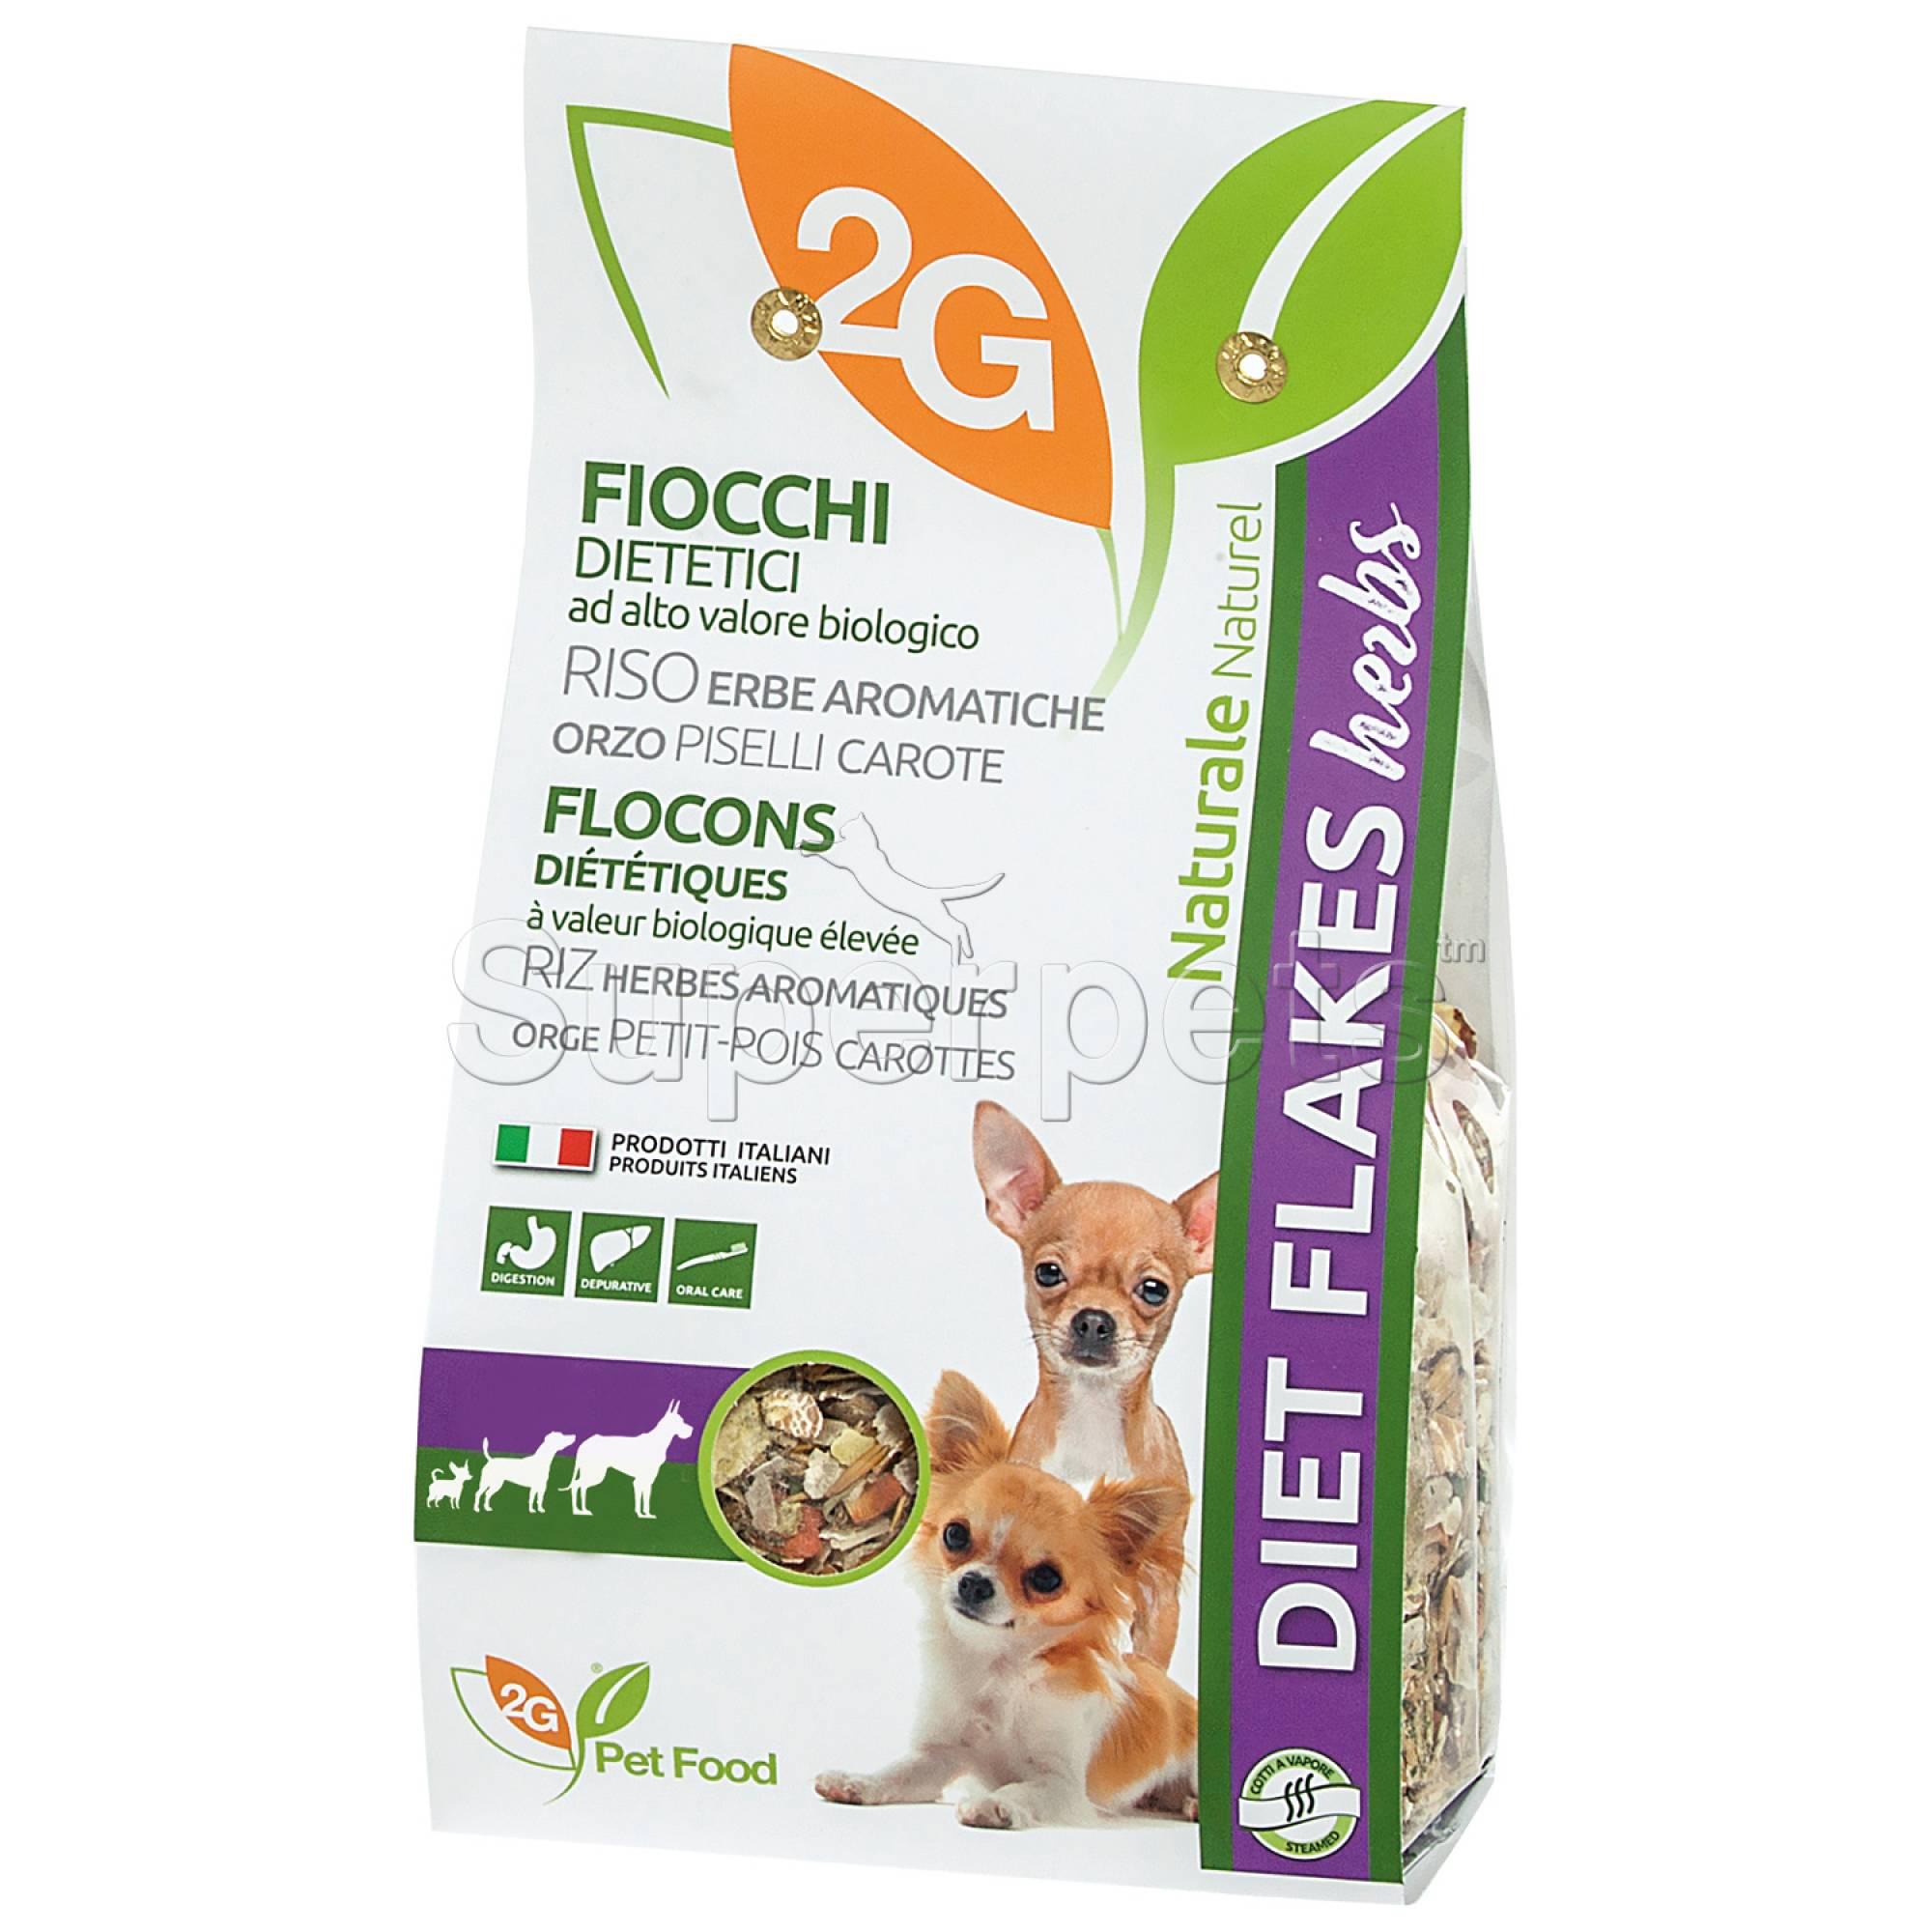 2G Pet Food - Diet Flakes Herbs 350g